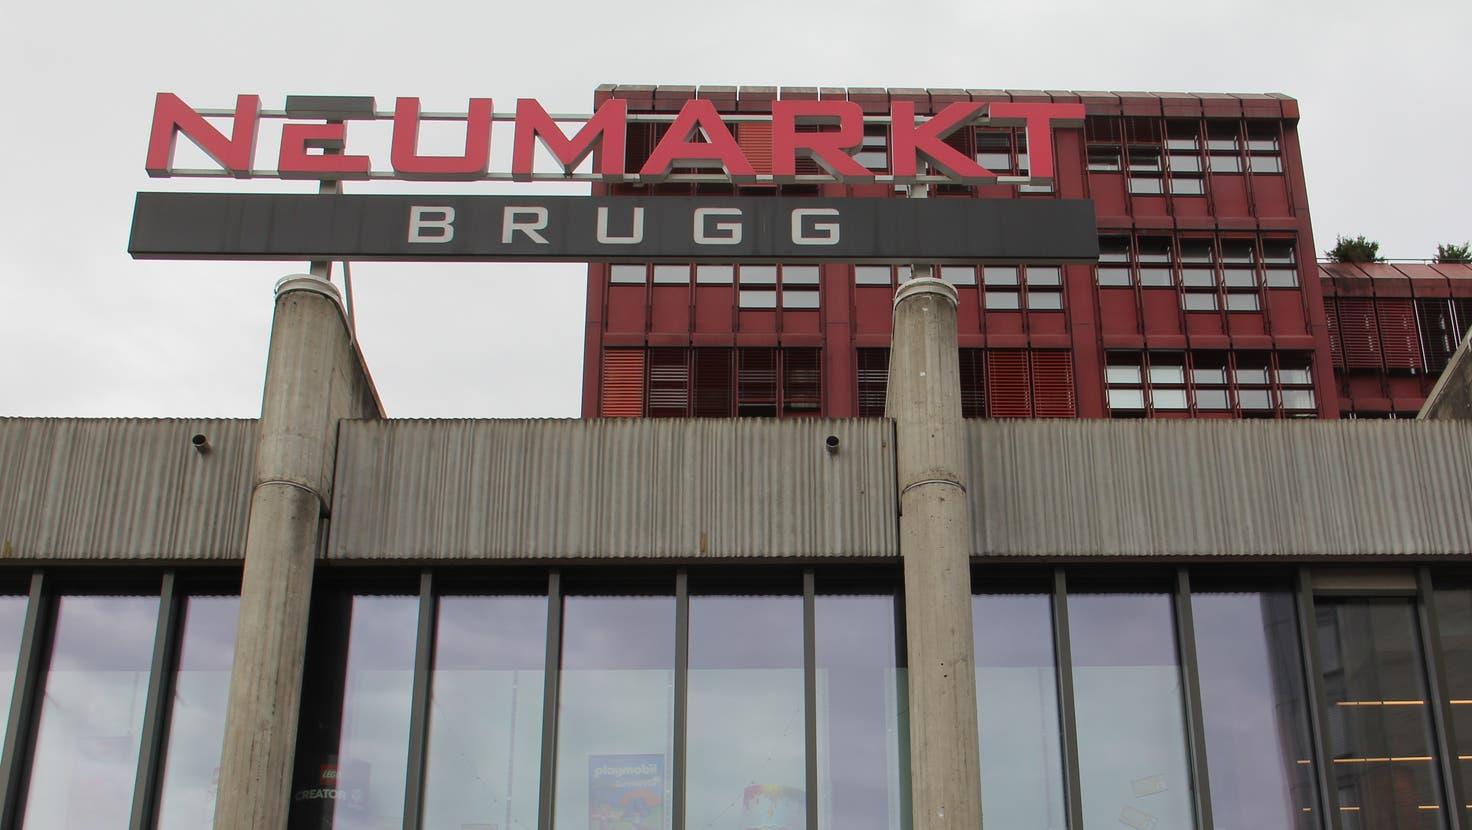 Tatort: Das Einkaufszentrum Neumarkt in Brugg. (Claudia Meier)